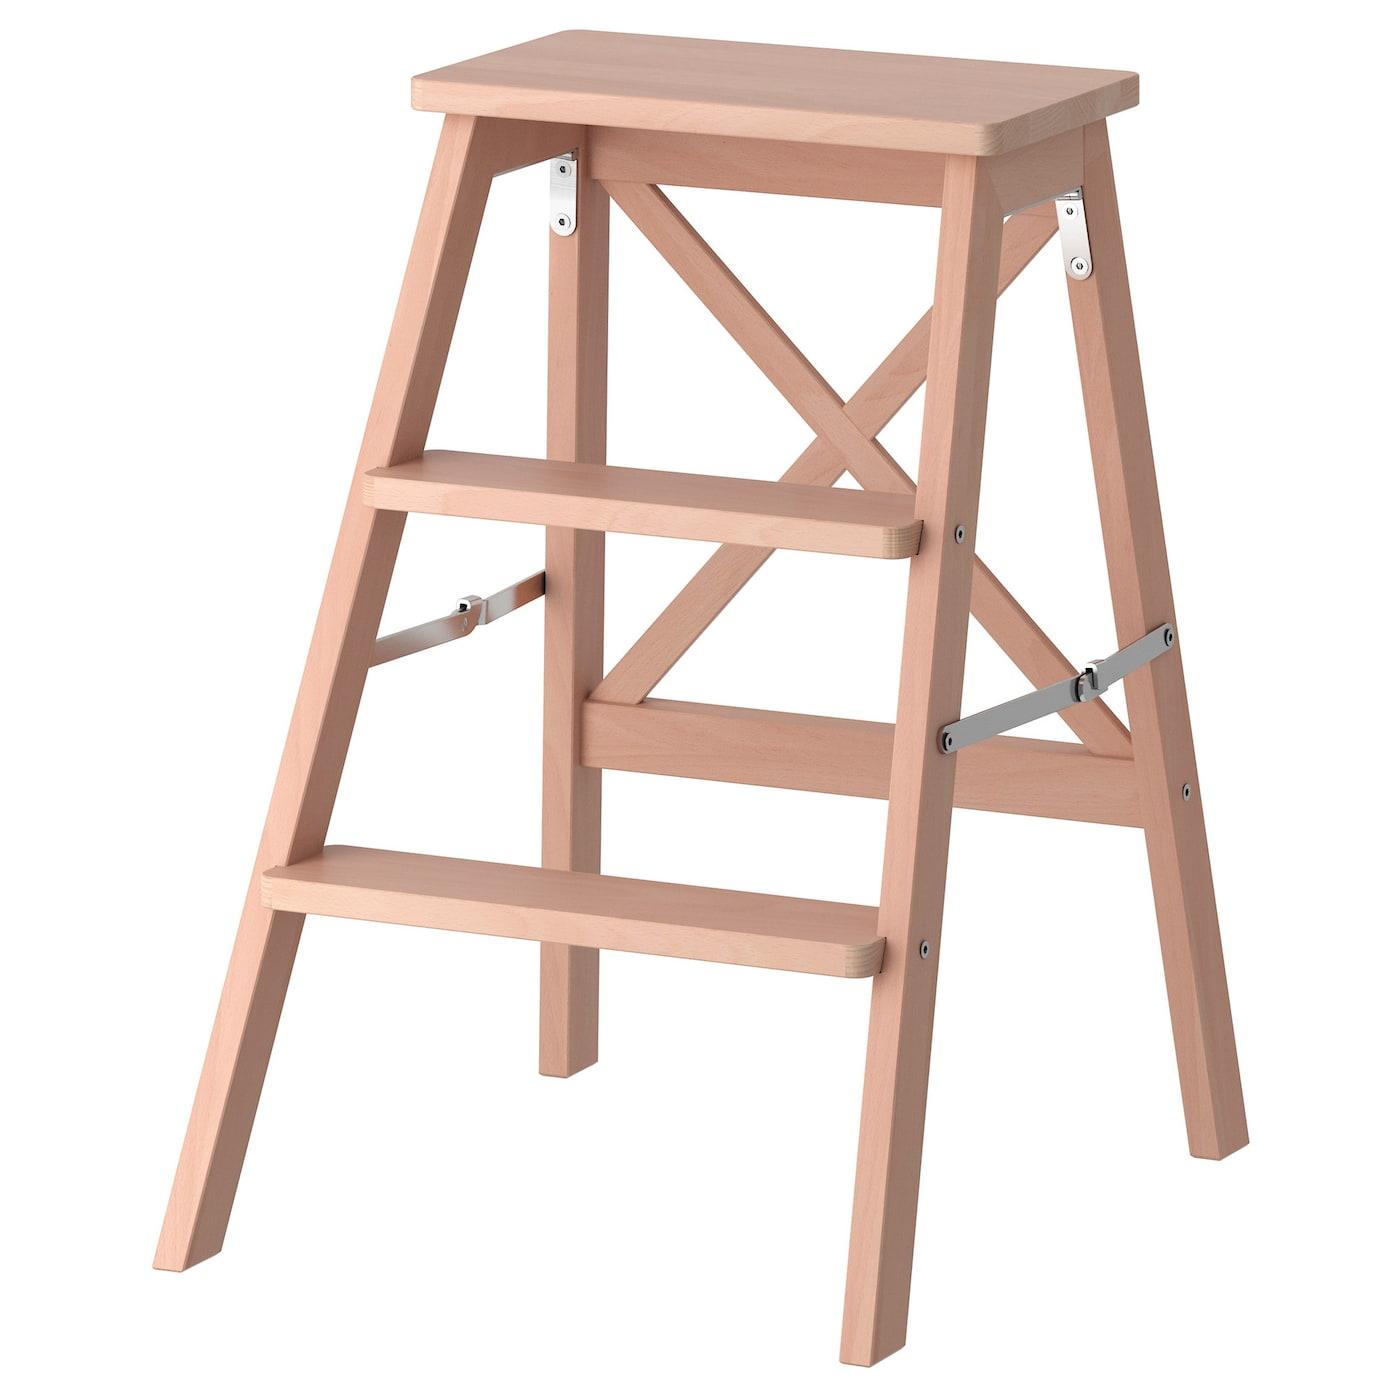 BekvÄm Stepladder 3 Steps Beech Ikea